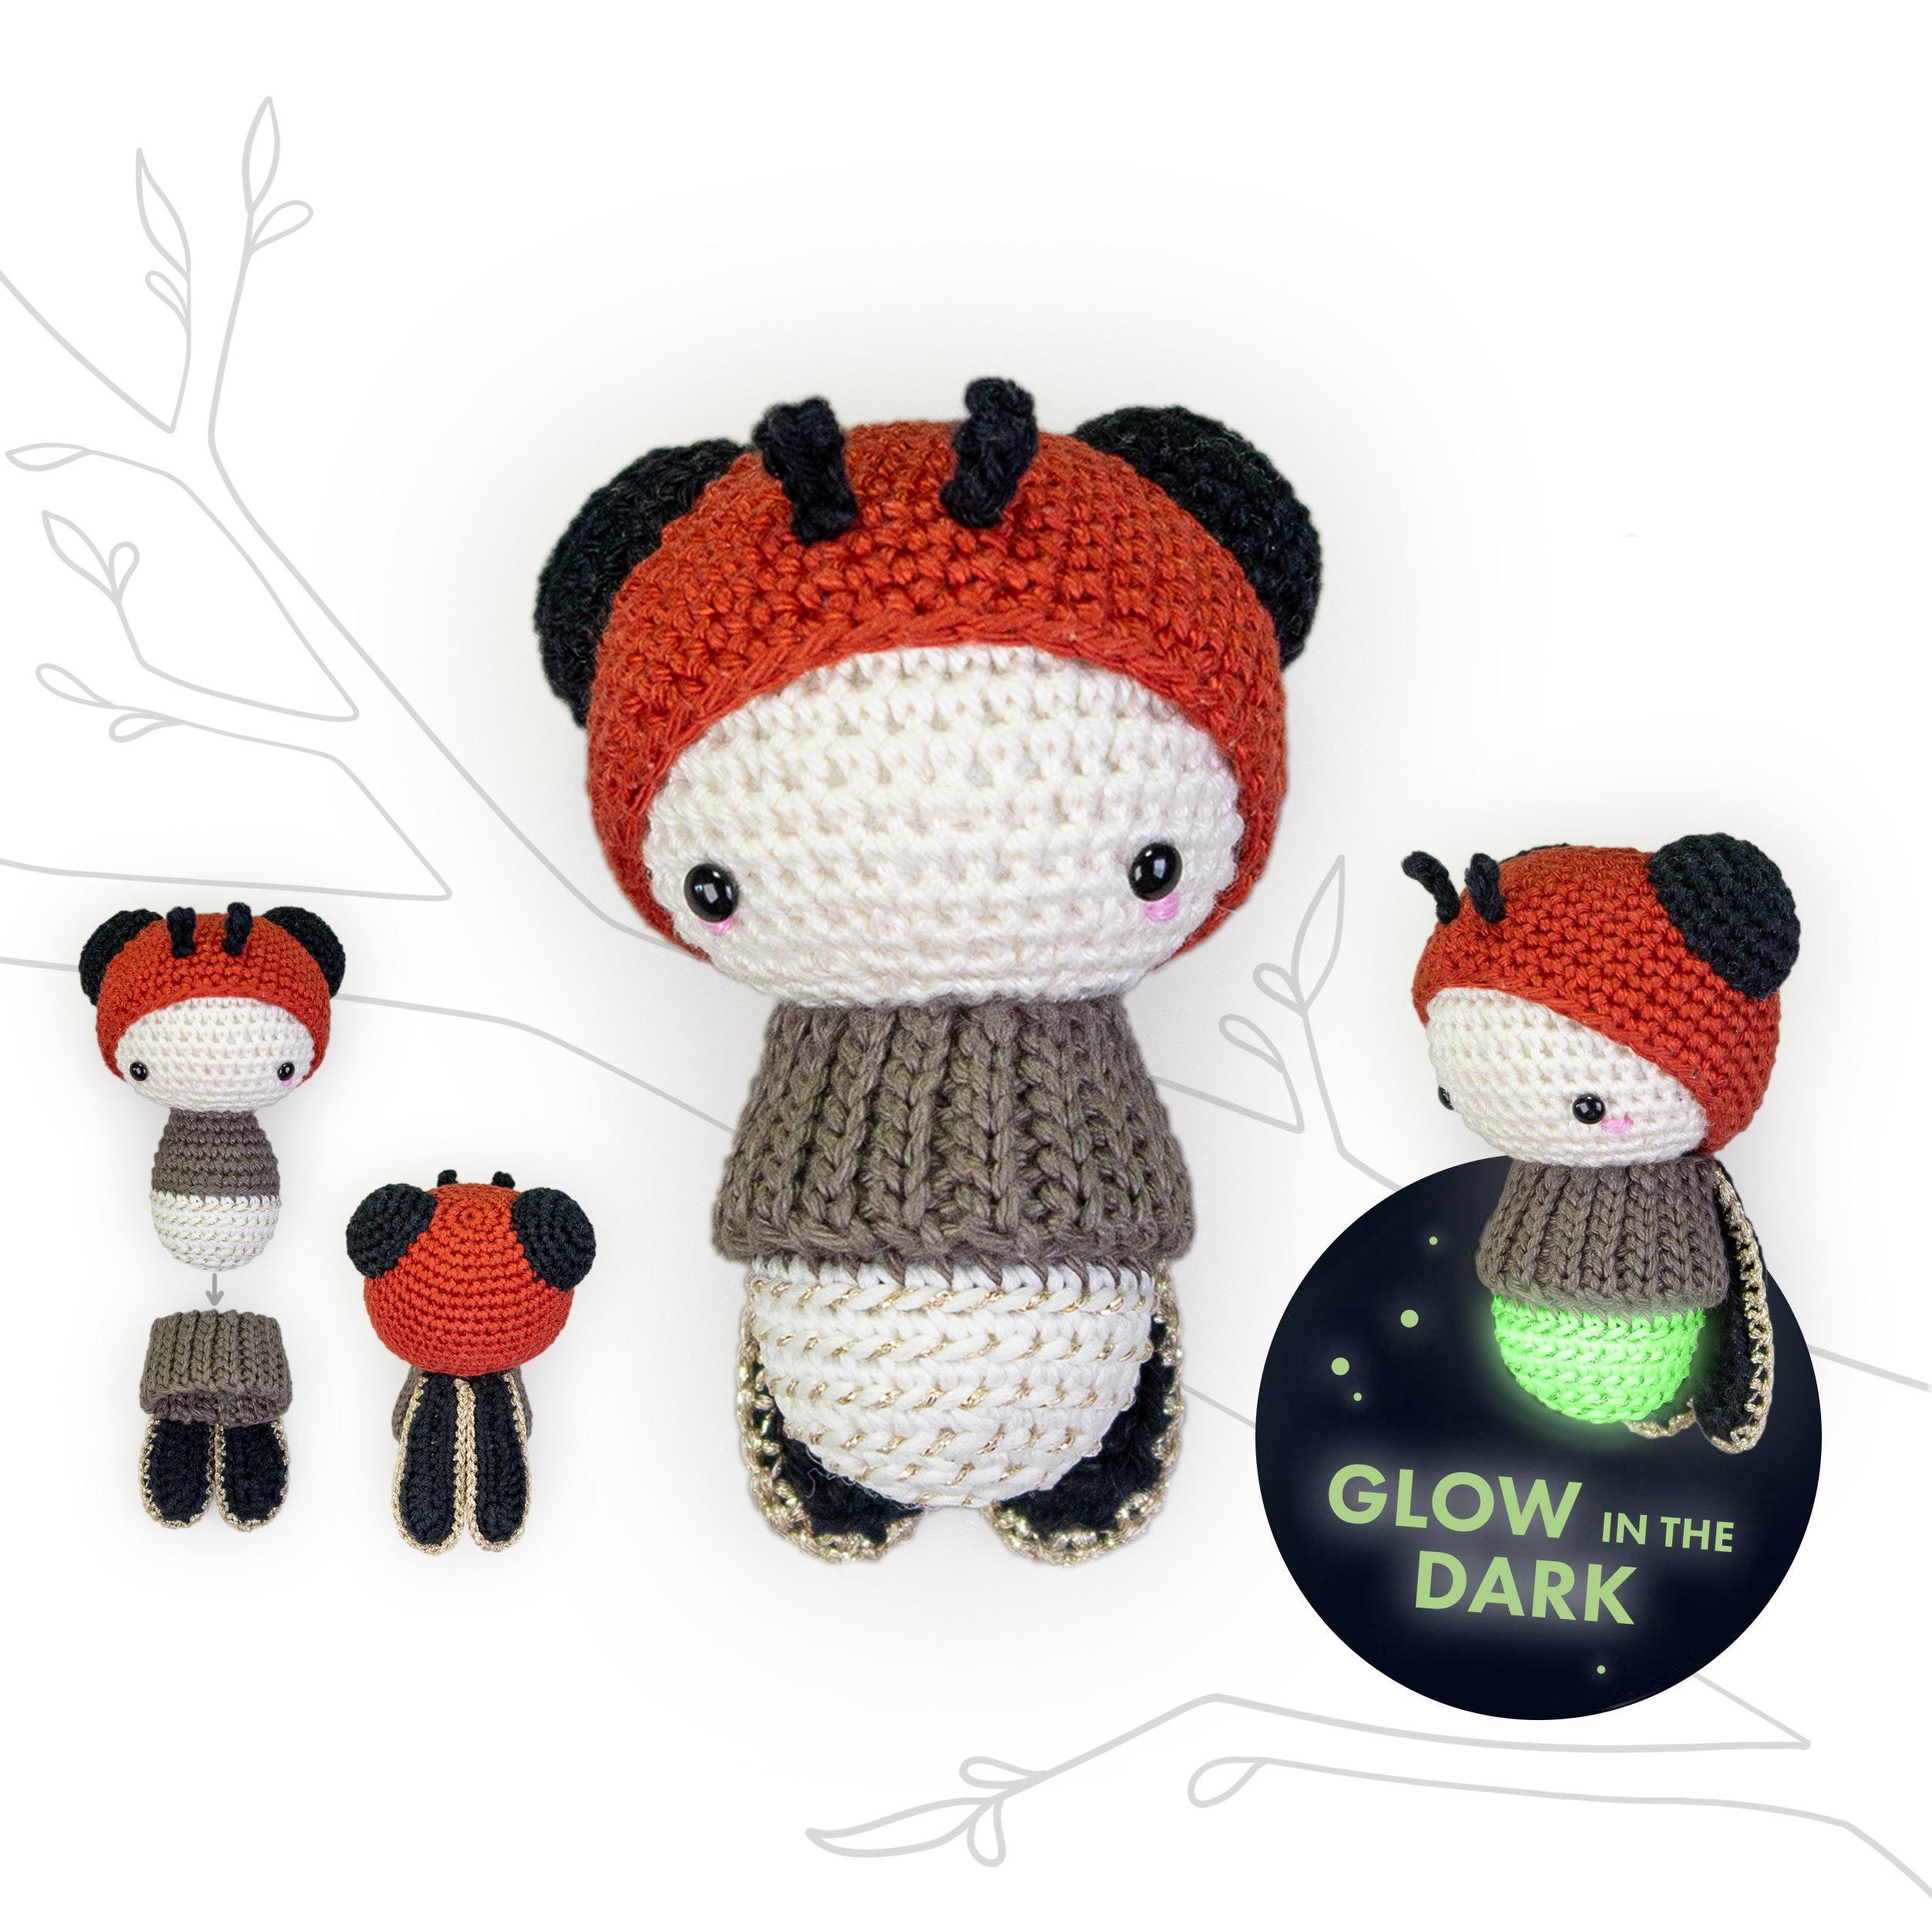 lalylala FIREFLY crochet pattern glowworm Glow in the Dark